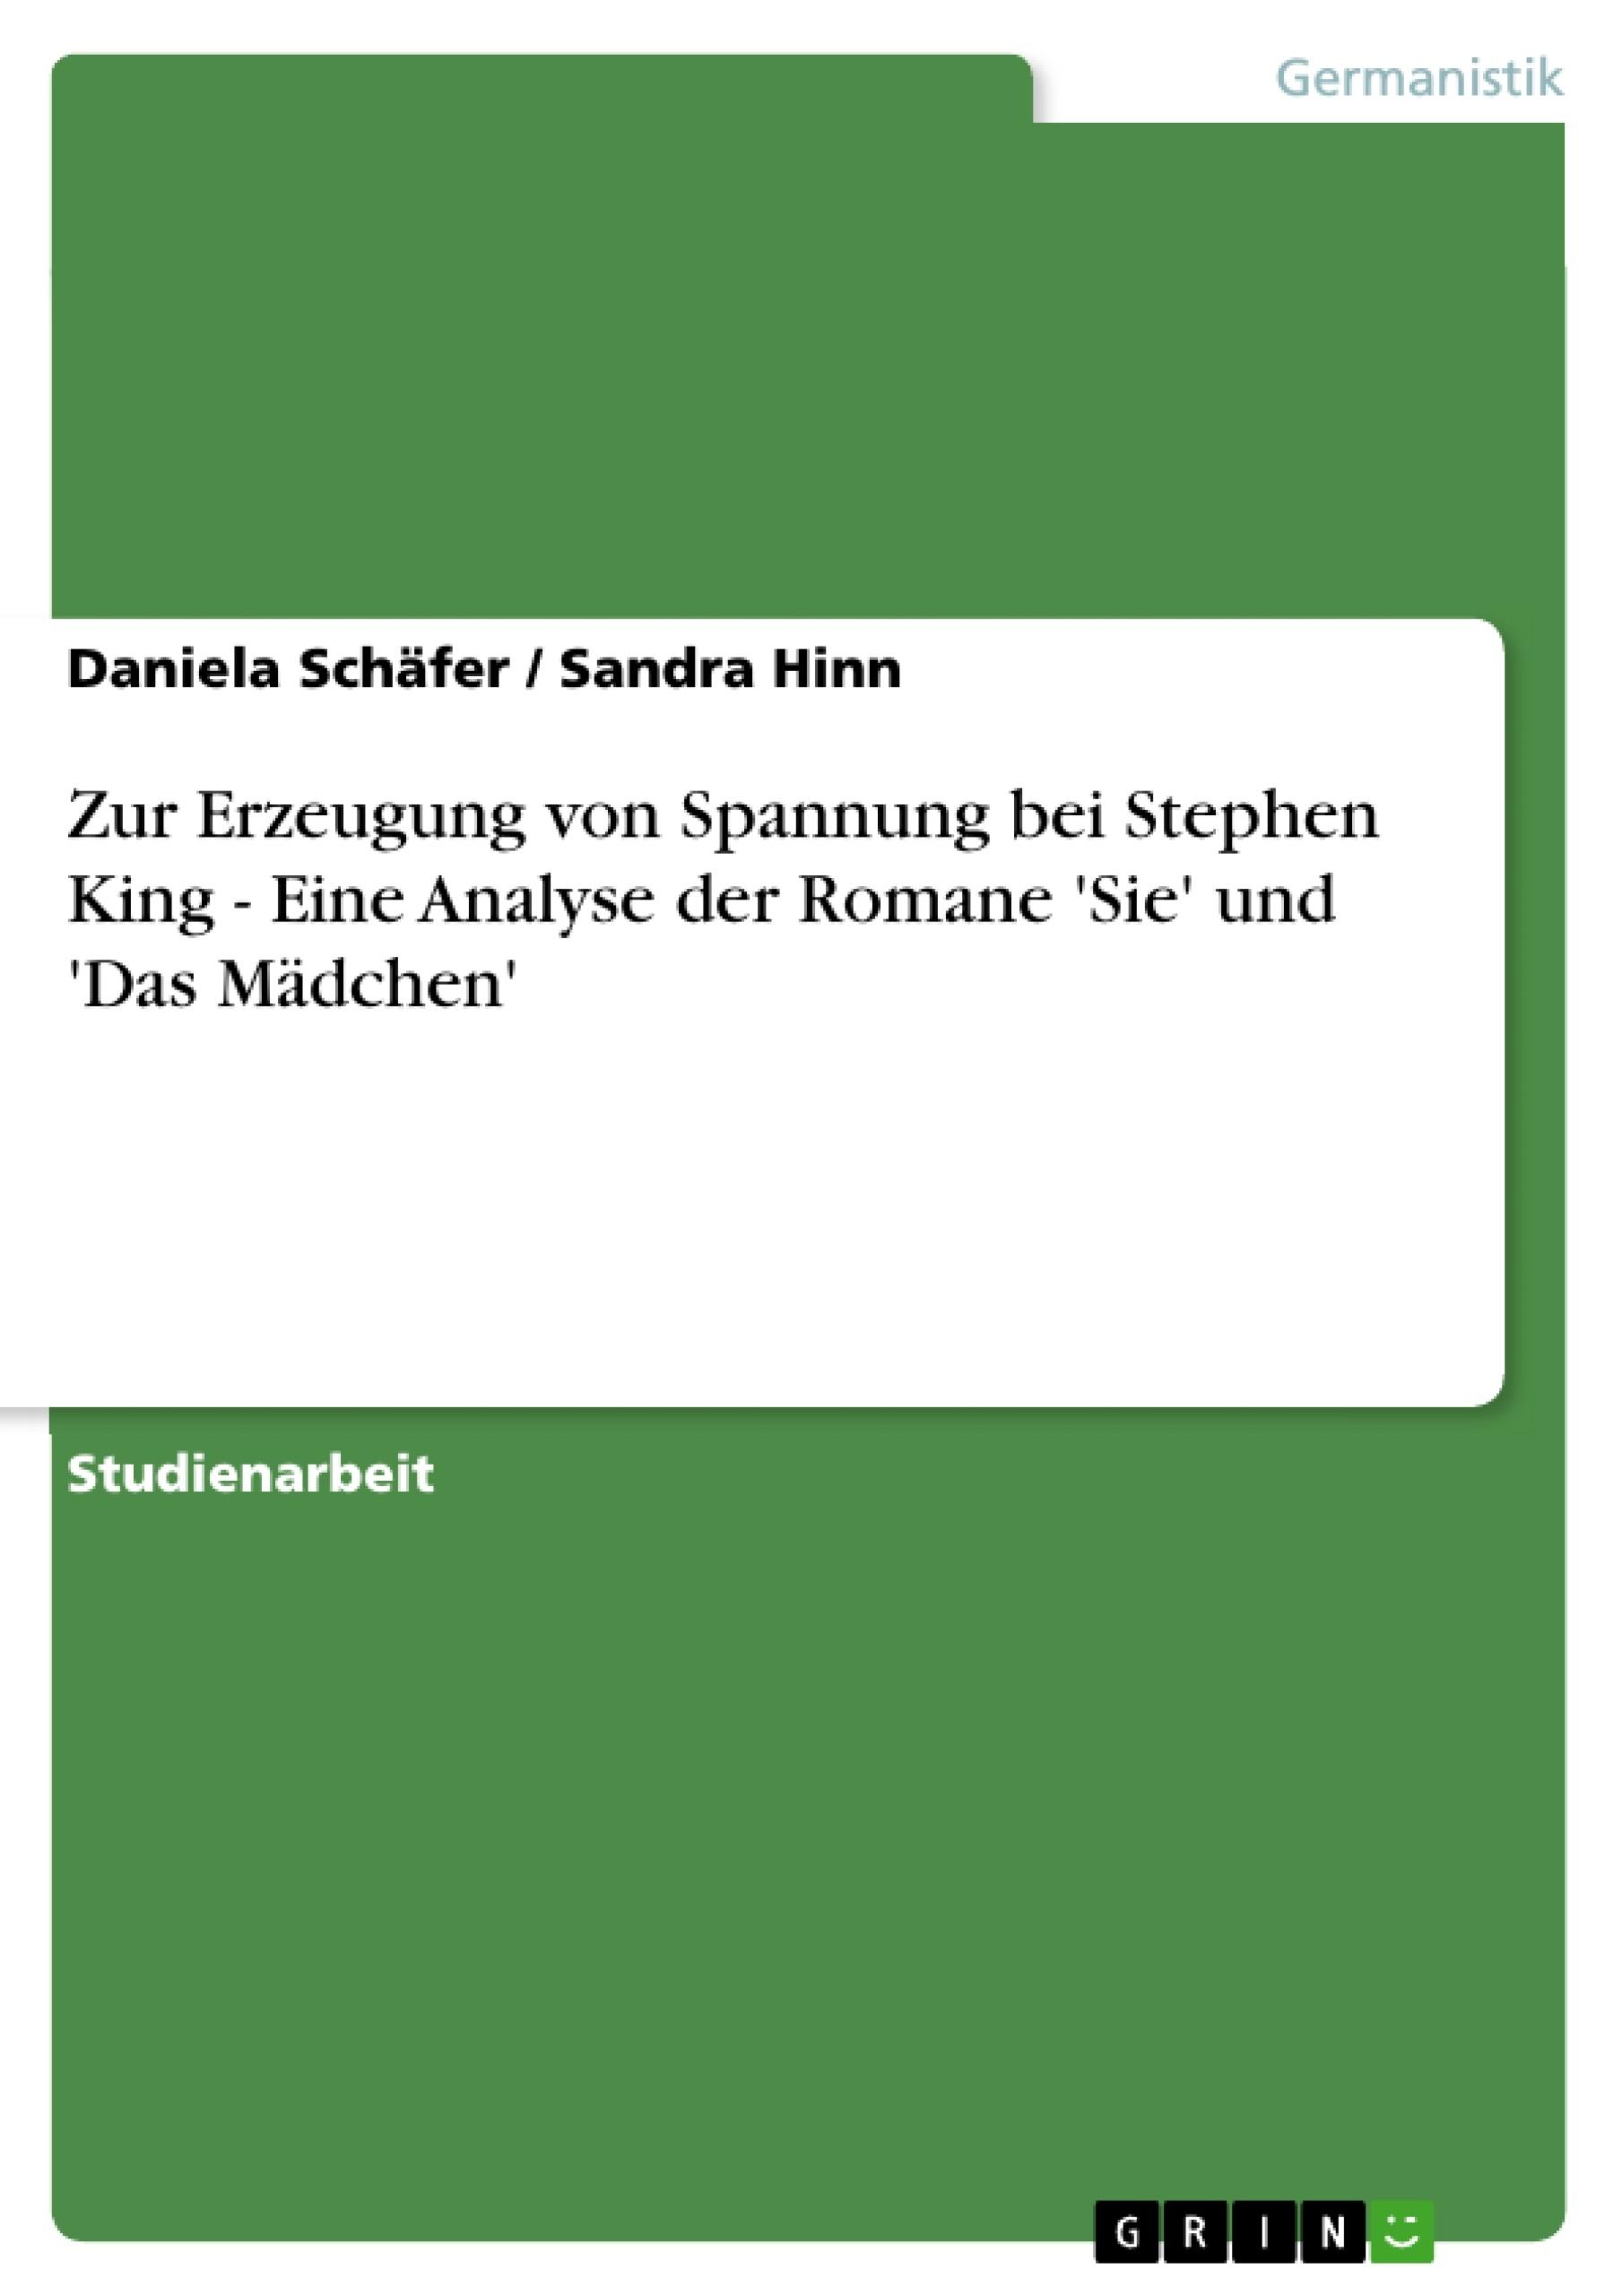 Titel: Zur Erzeugung von Spannung bei Stephen King - Eine Analyse der Romane 'Sie' und 'Das Mädchen'